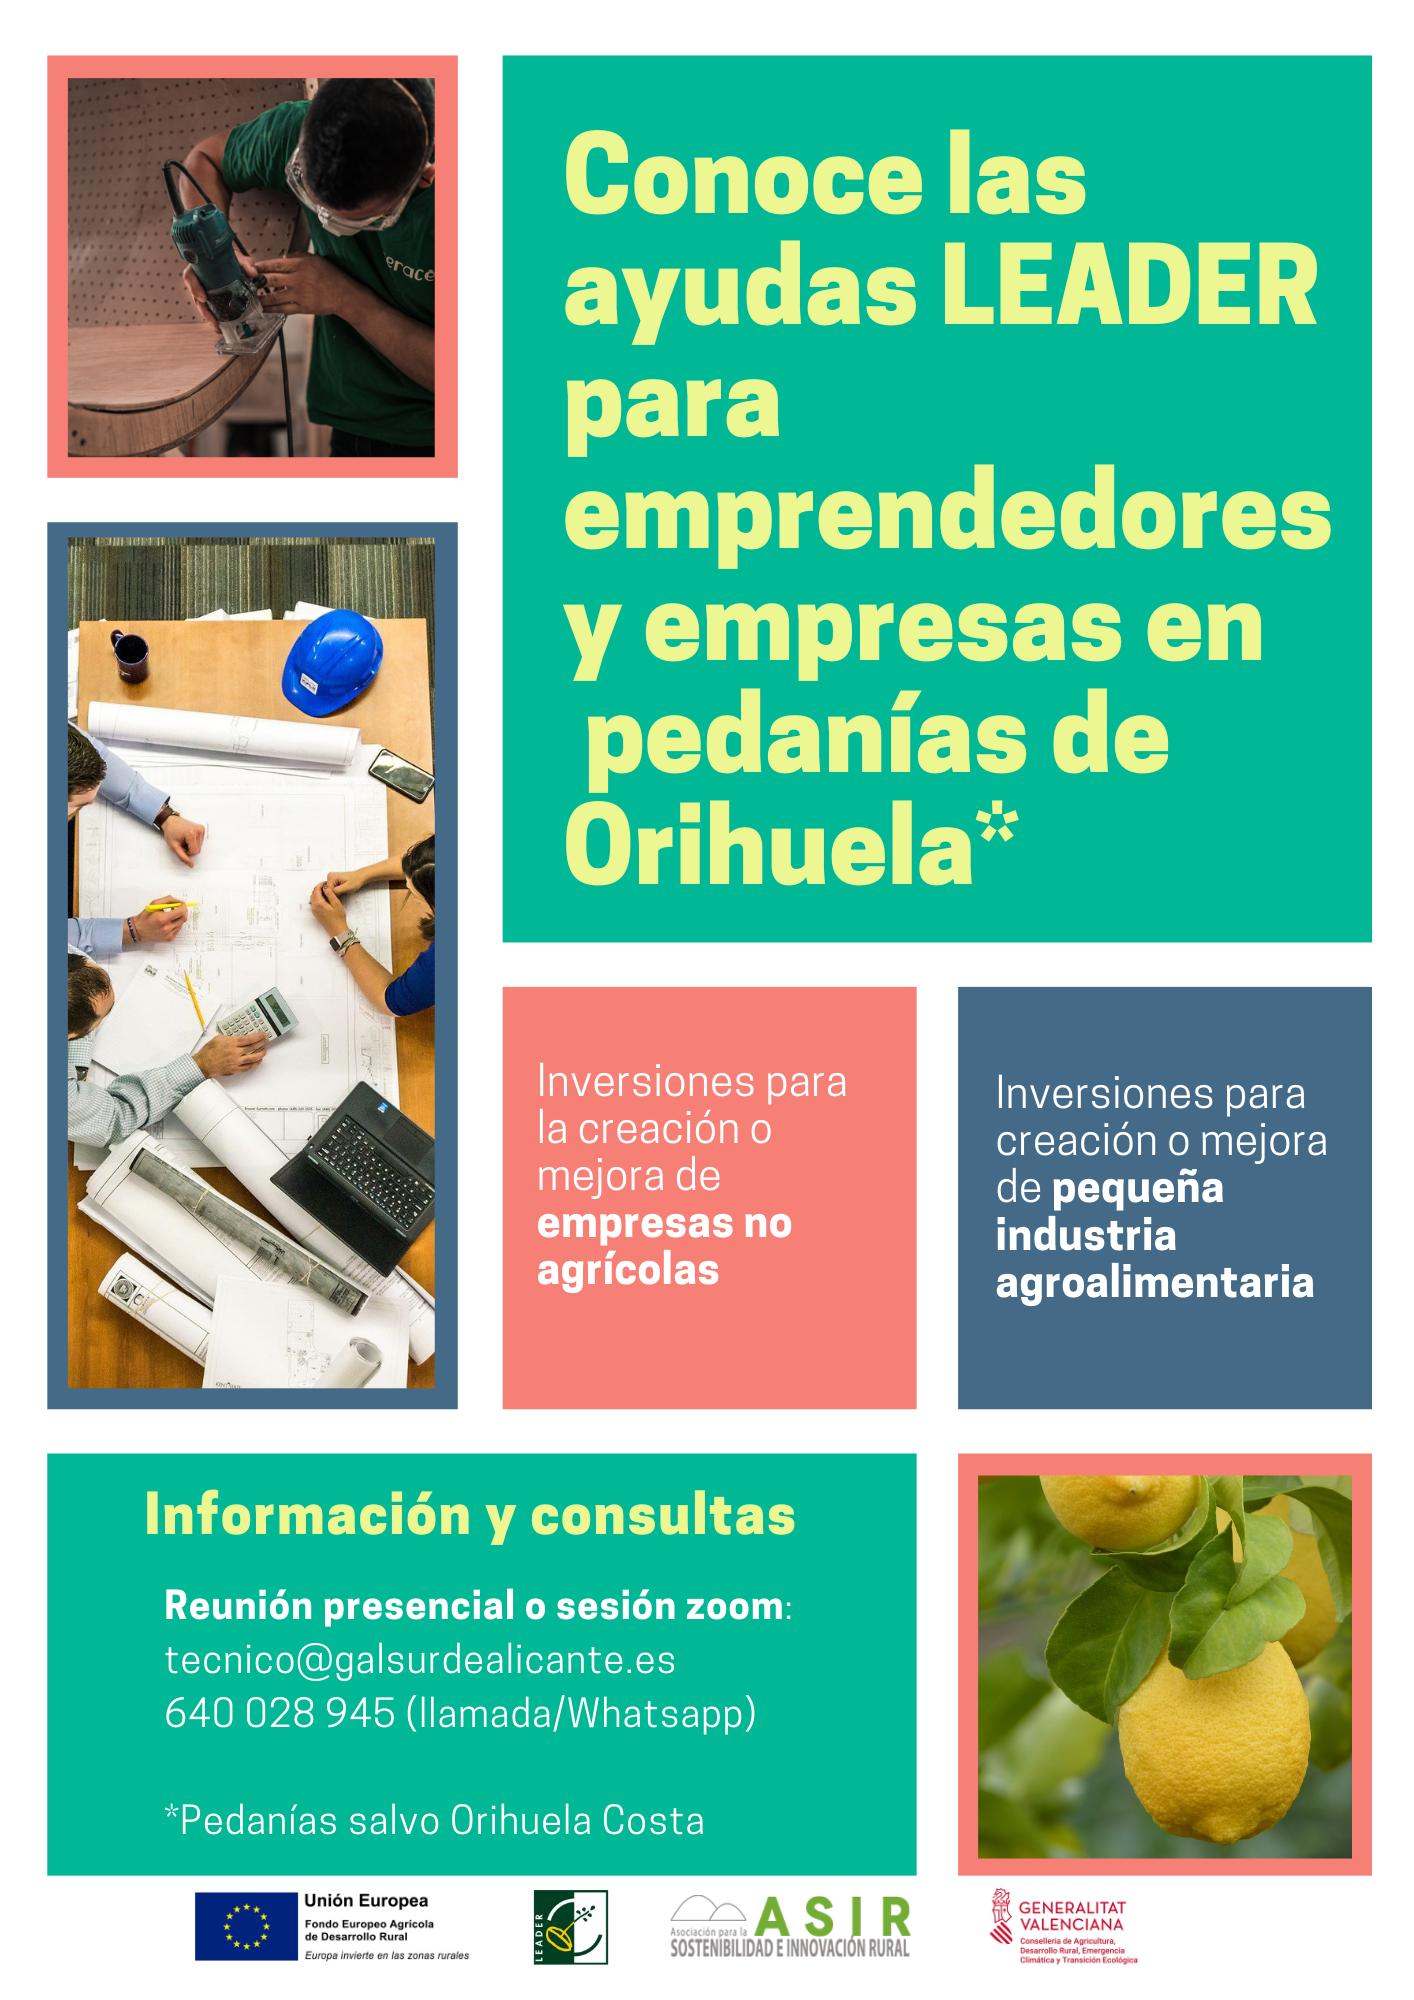 Ayudas leader ORIHUELA PEDANÍAS